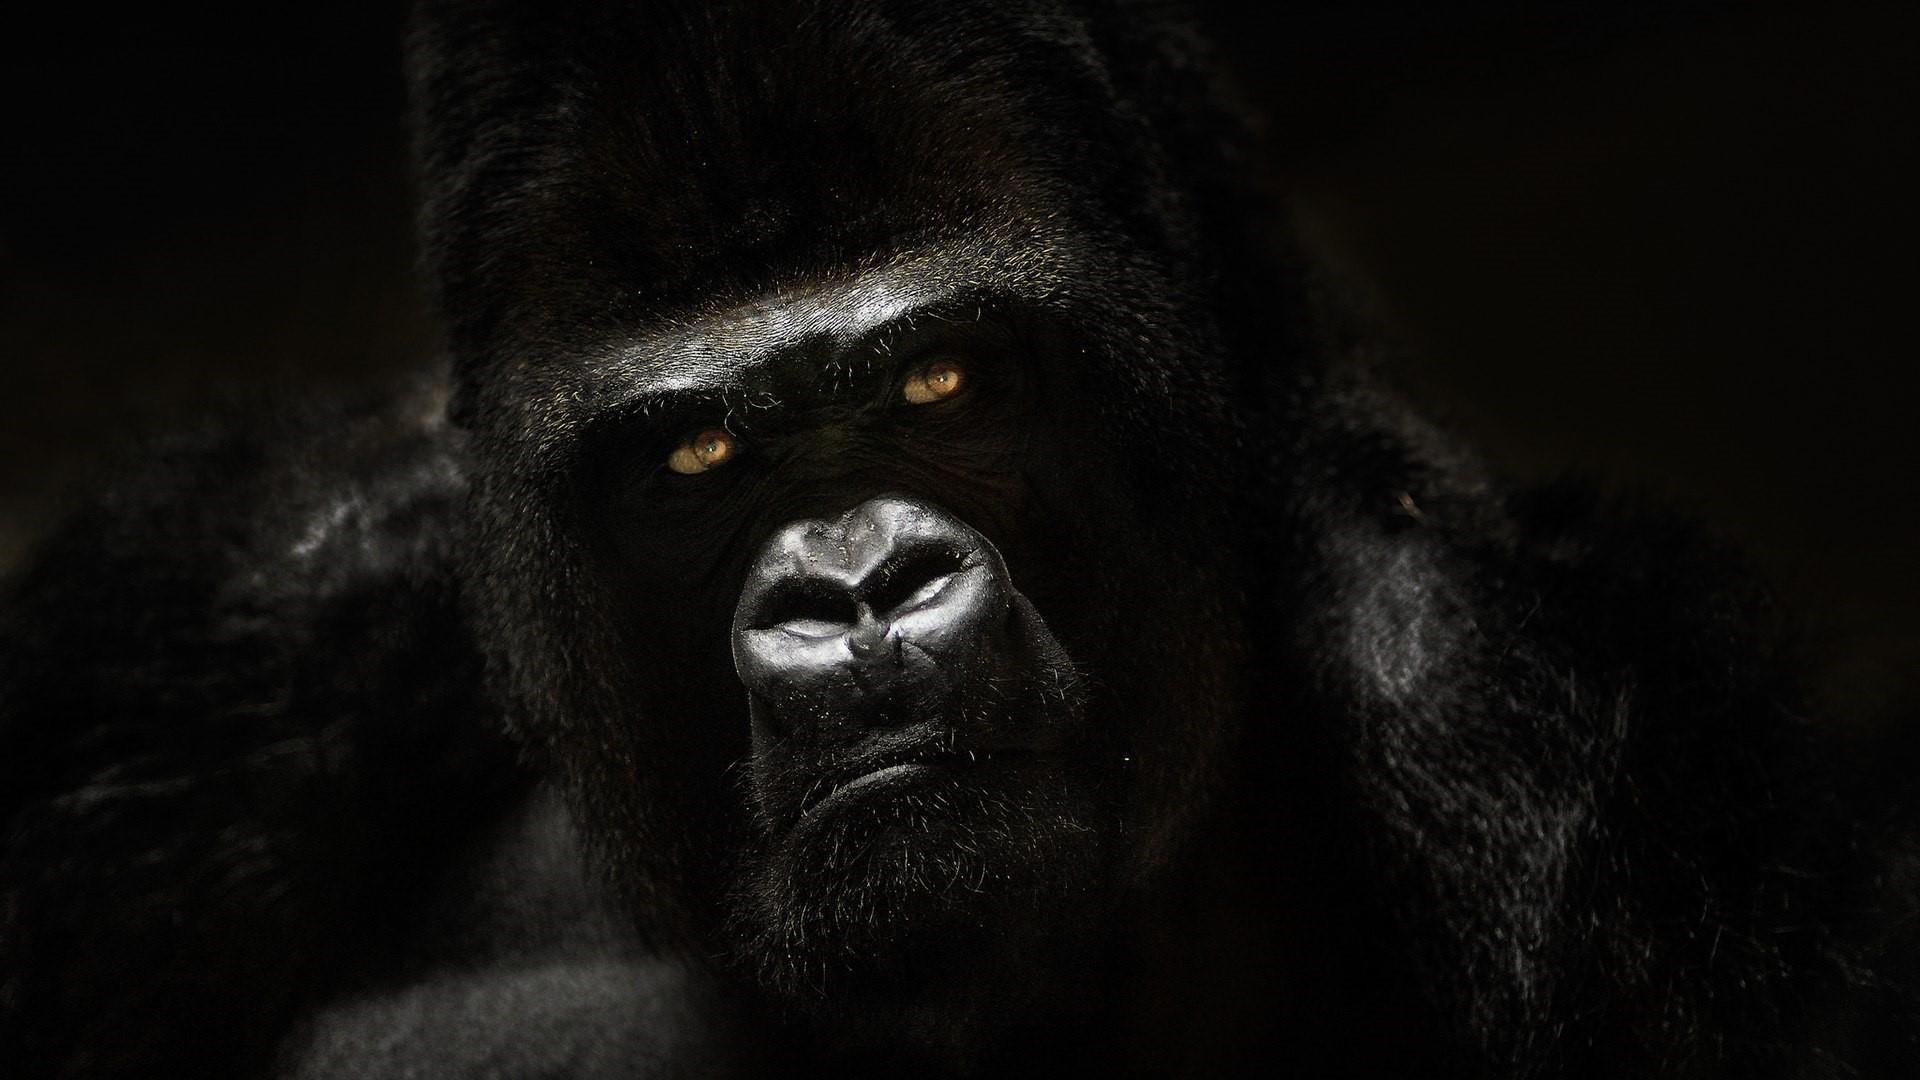 gorilla pics, gorilla silverback